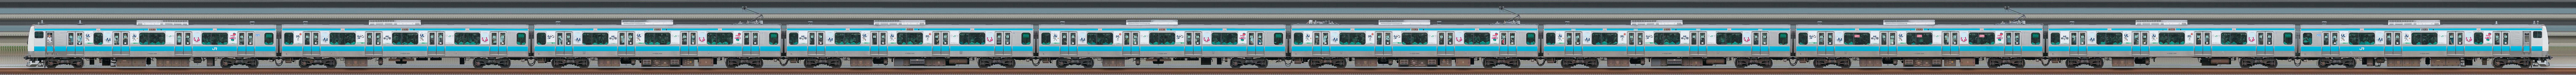 JR東日本 京浜東北線・根岸線 E233系1000番台サイ102編成(東京 2020 マスコット特別車体ラッピングトレイン・山側)の編成サイドビュー